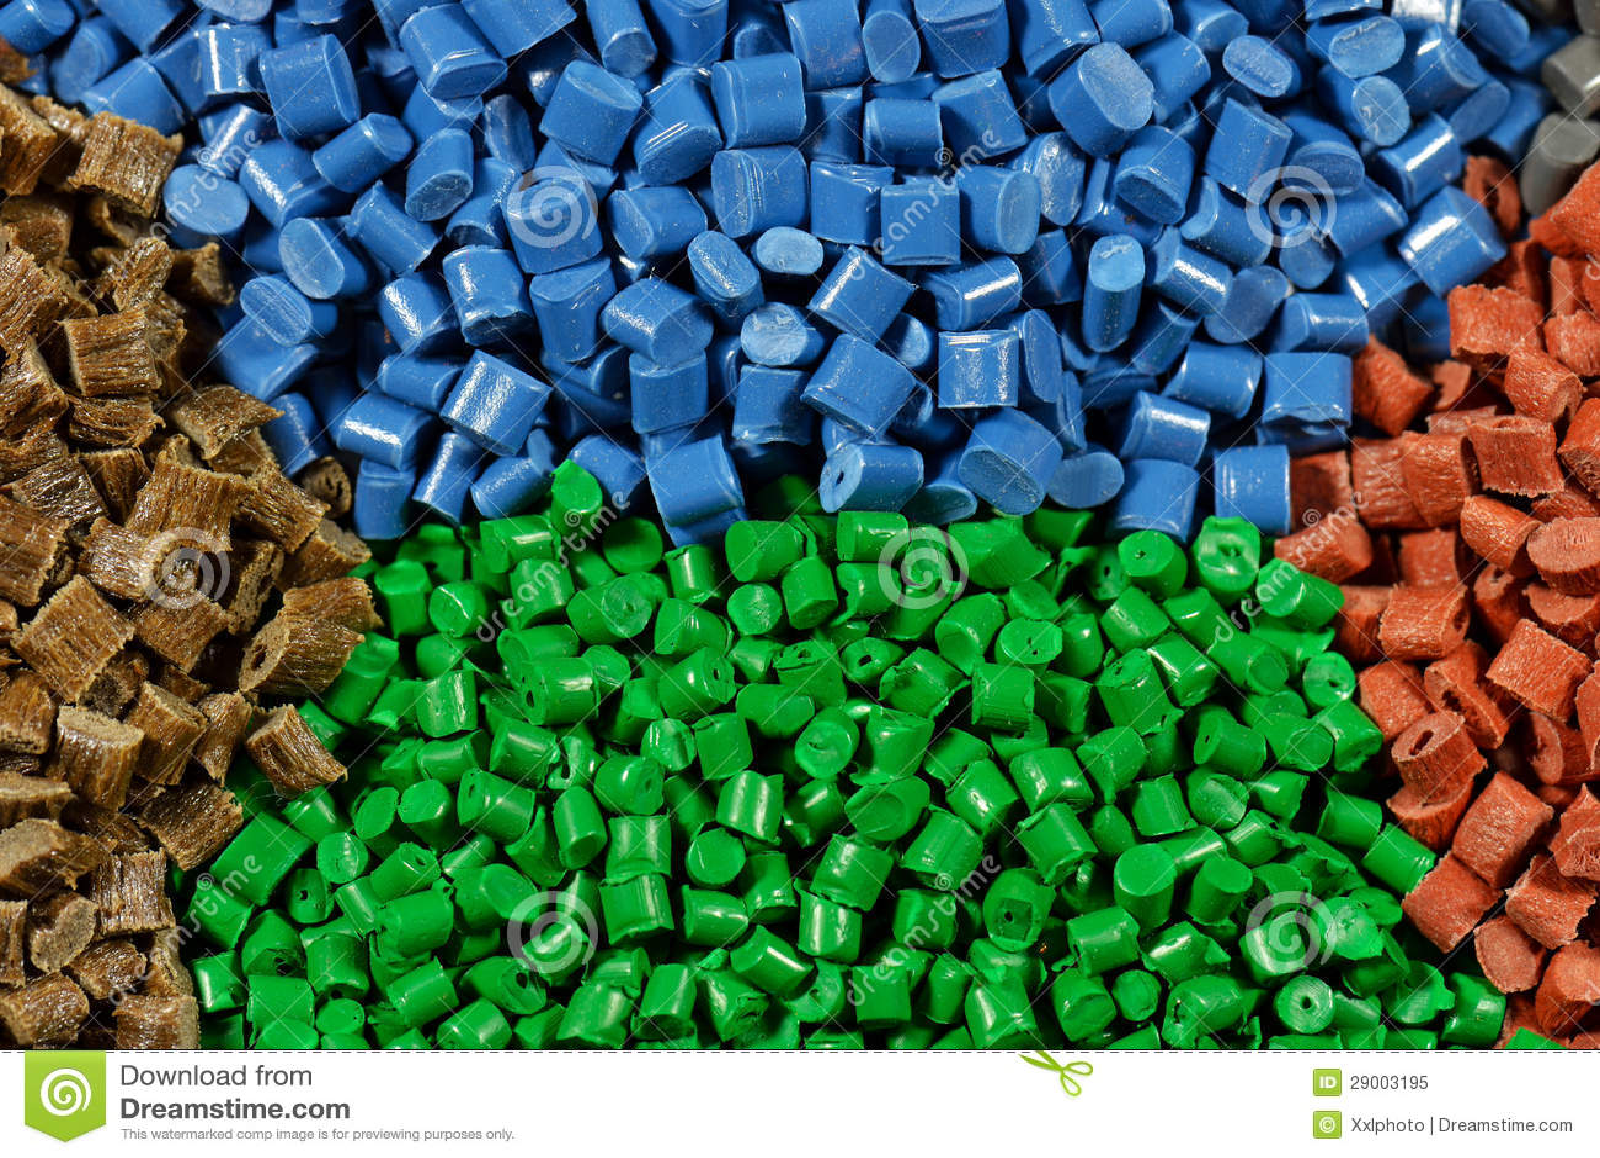 Gekleurde Plastic Korrels Royalty Vrije Stock Foto Beeld